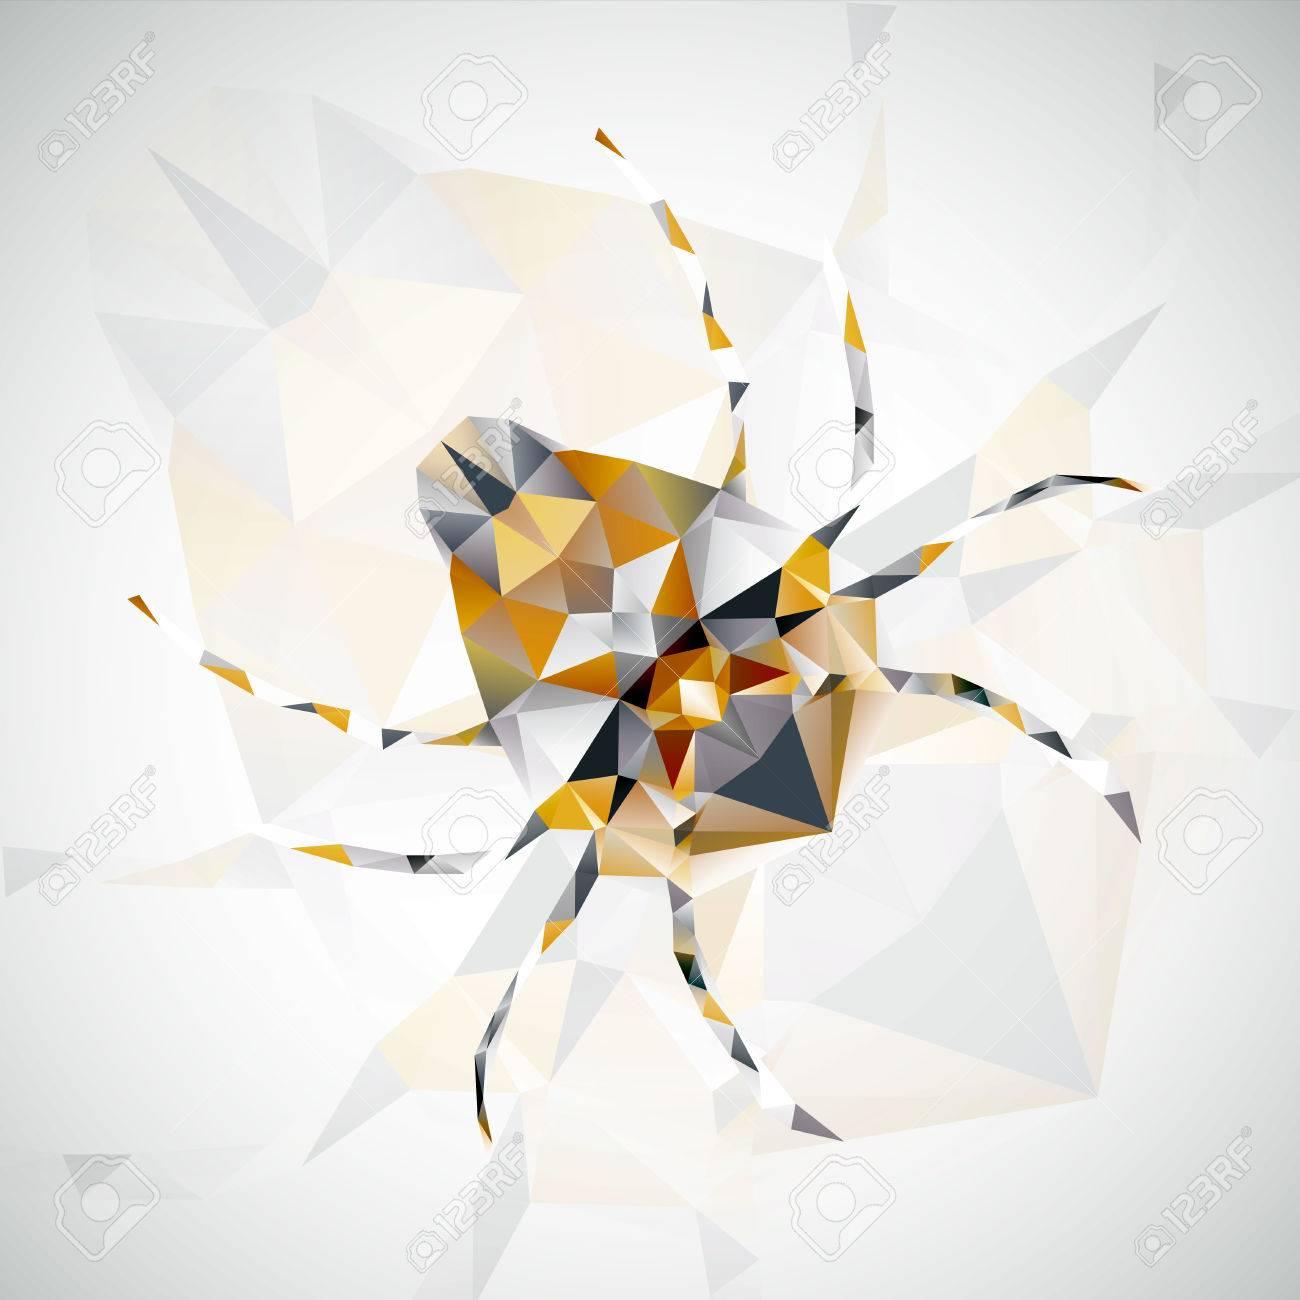 résumé illustration d'araignée, l'art futuriste, banque d'images et